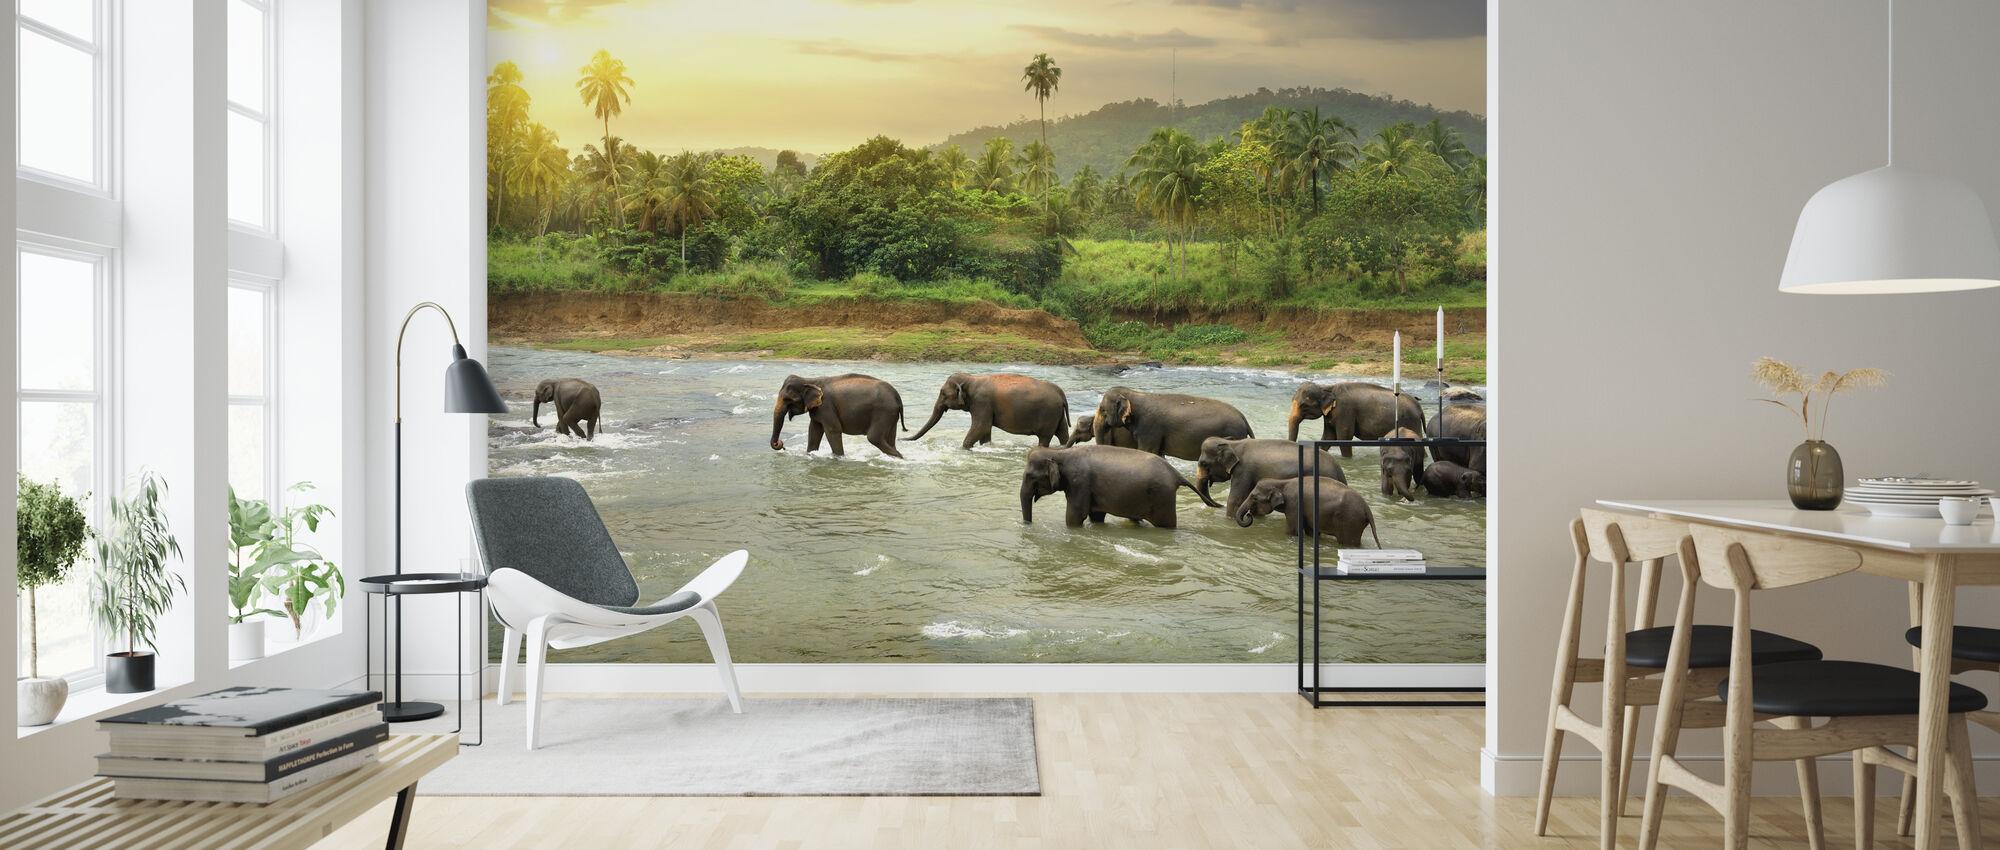 Elephant in River - Wallpaper - Living Room